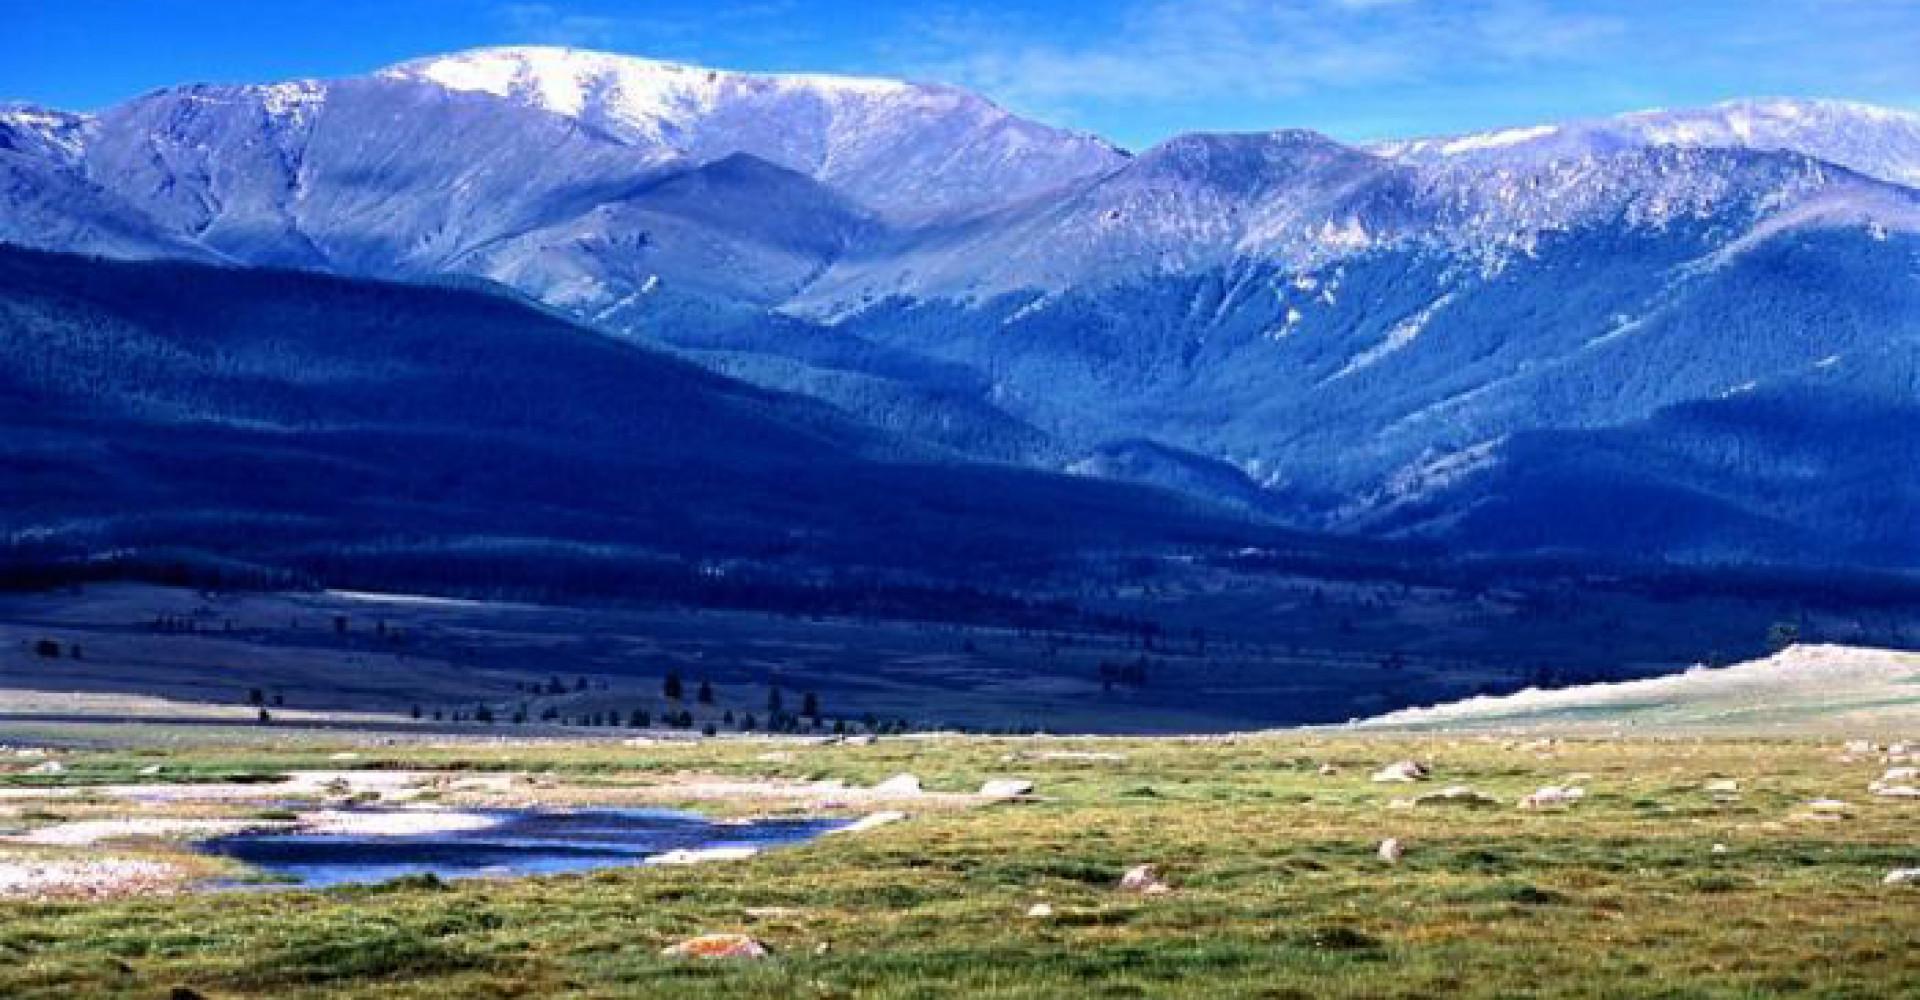 Khankhukhii mountains